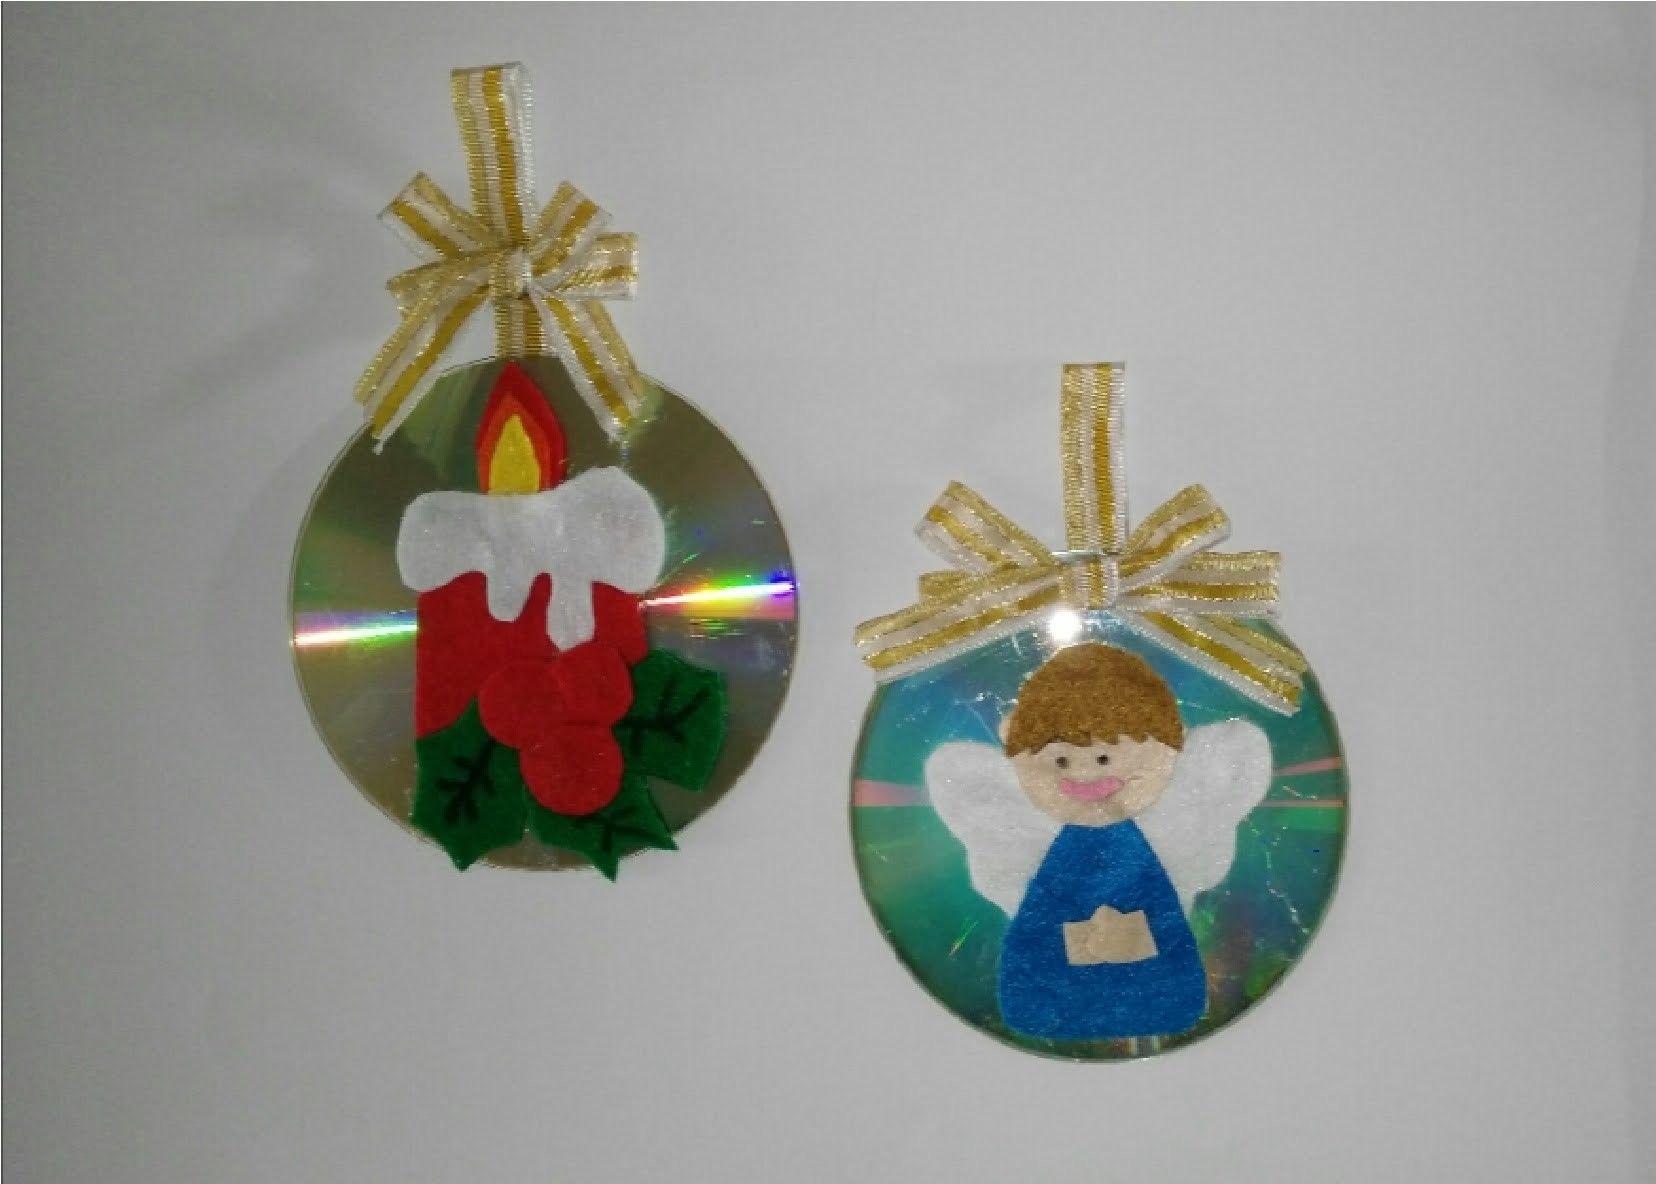 Como hacer adornos navide os con cd para el arbol de - Decoraciones del arbol de navidad ...